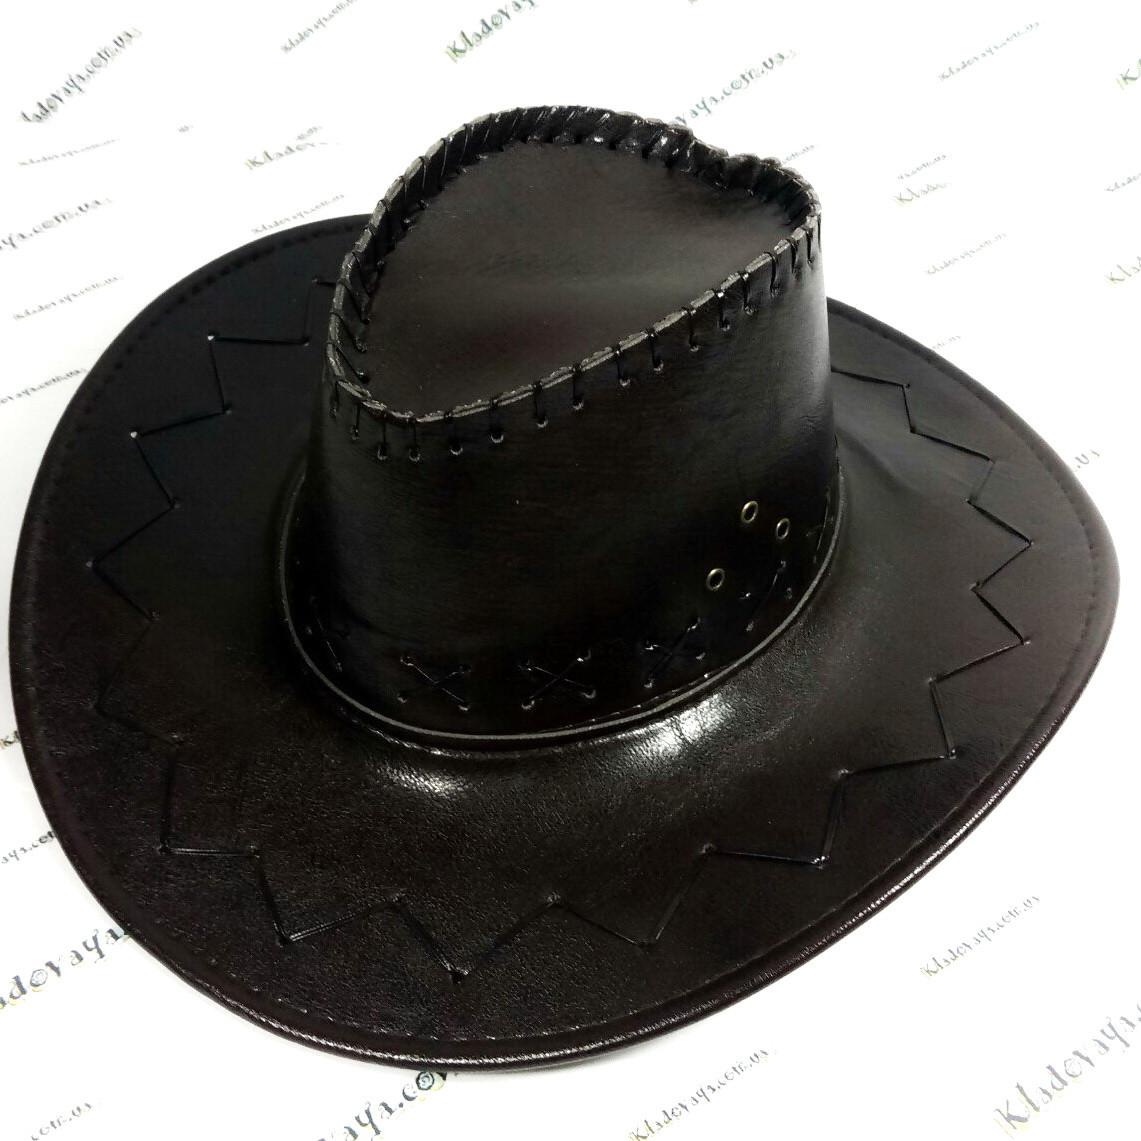 Ковбойская шляпа (коричневая), кожзам р-р 54-59, фото 1